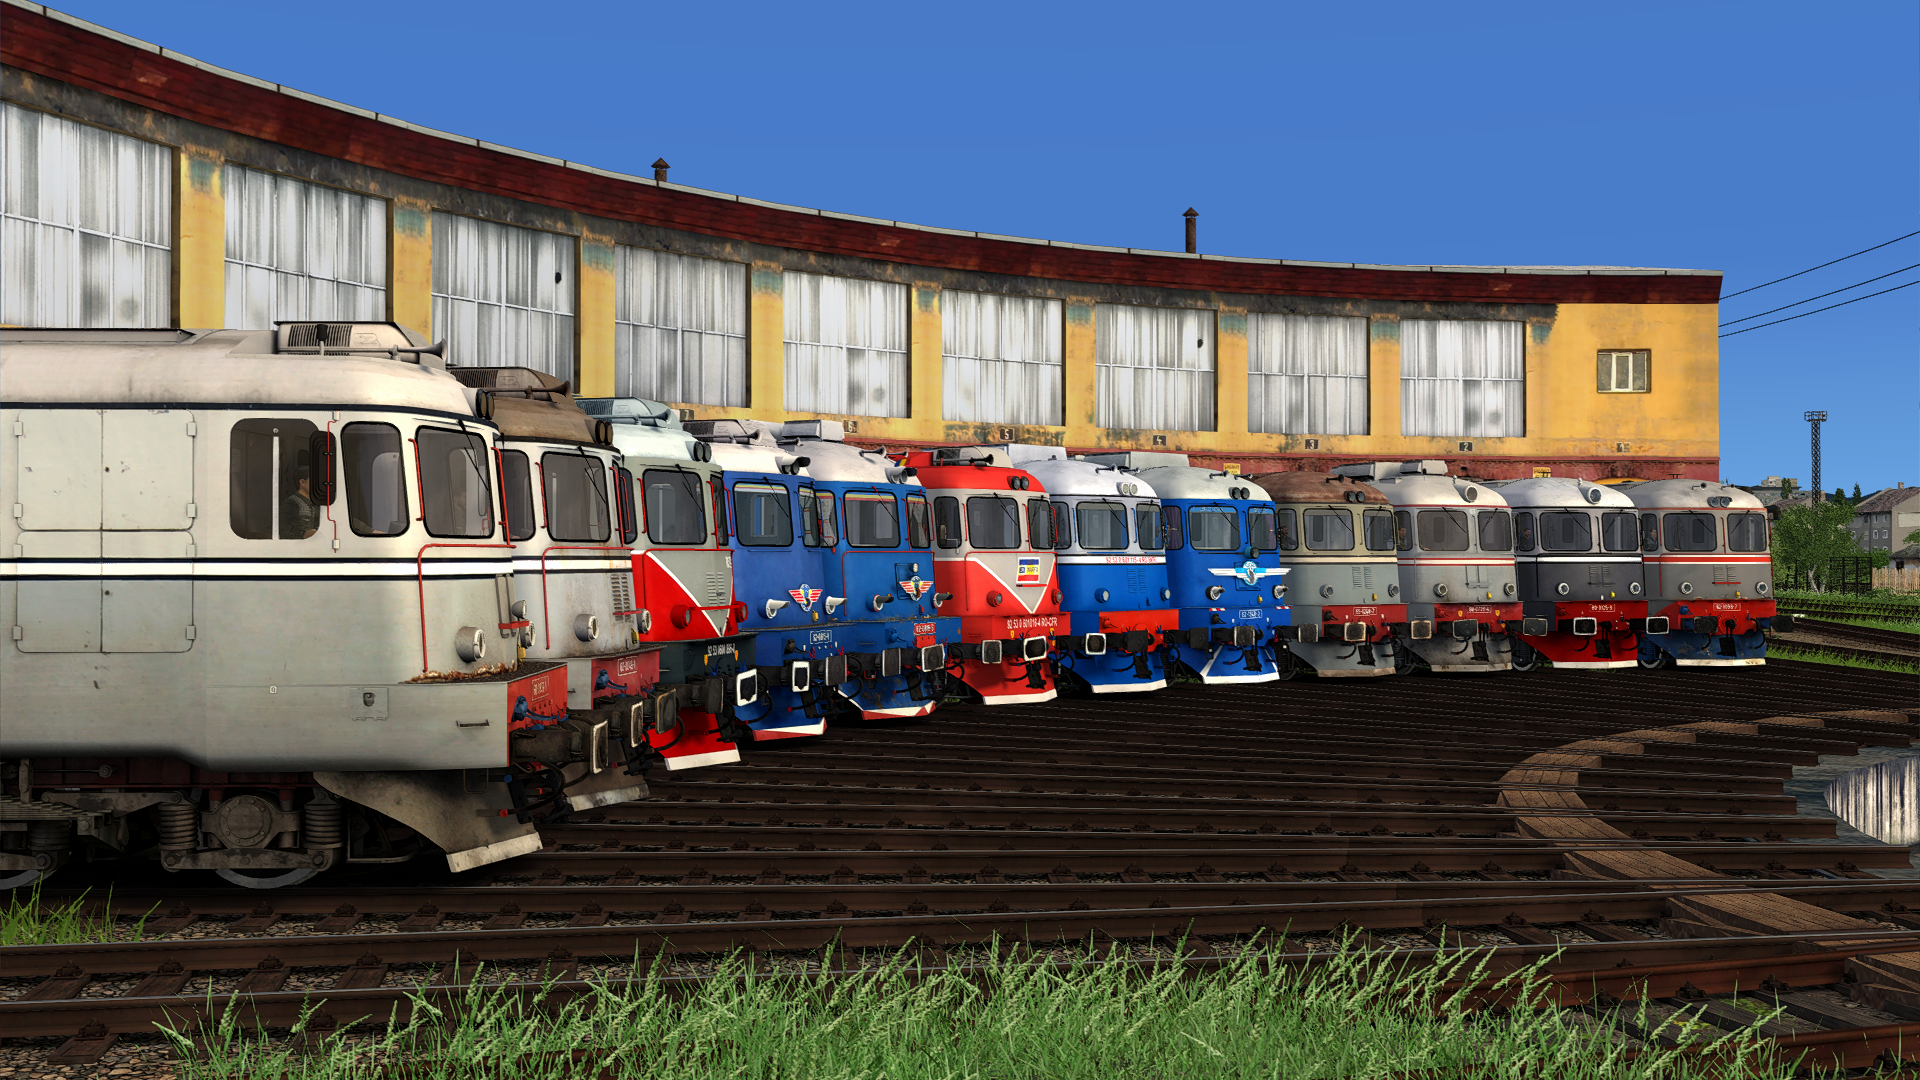 RailWorks64 2021-03-18 23-05-38